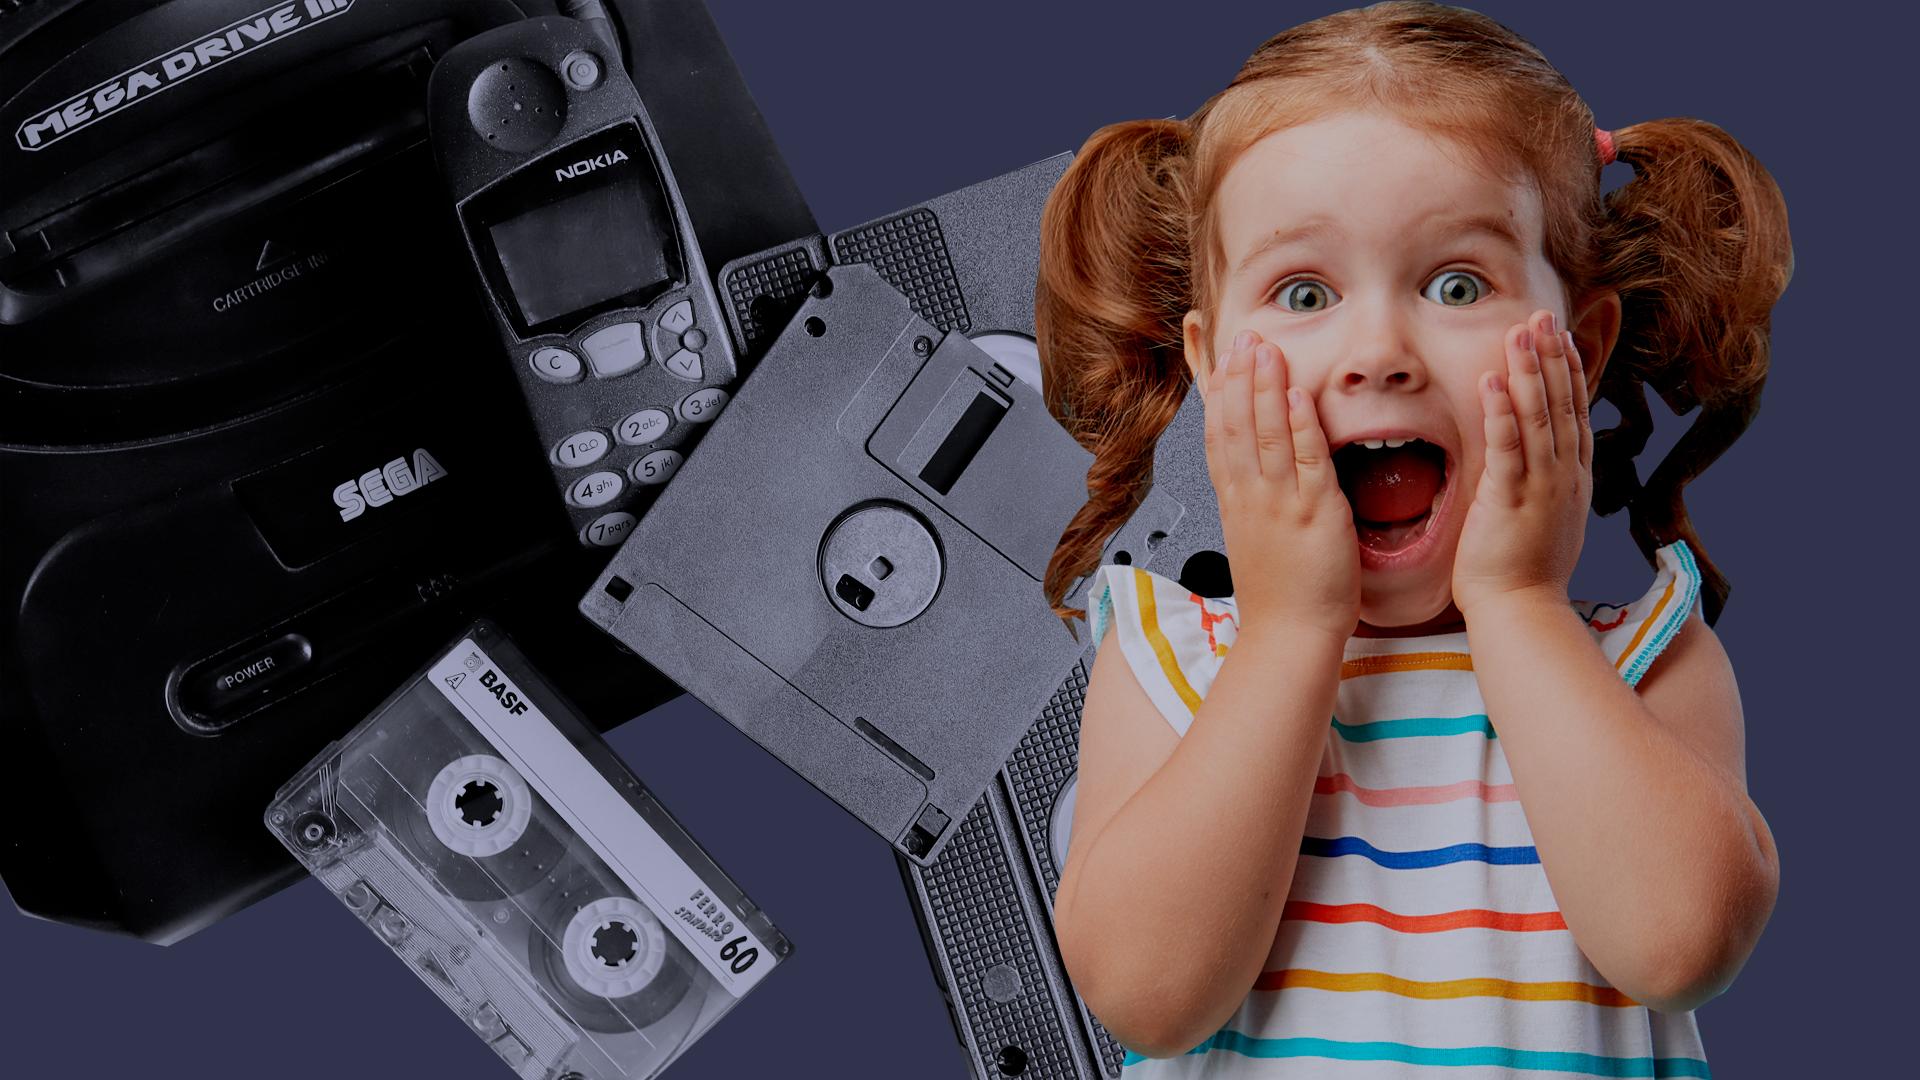 5 технологий и гаджетов, которые были для нас обыденностью, а дети их уже забыли